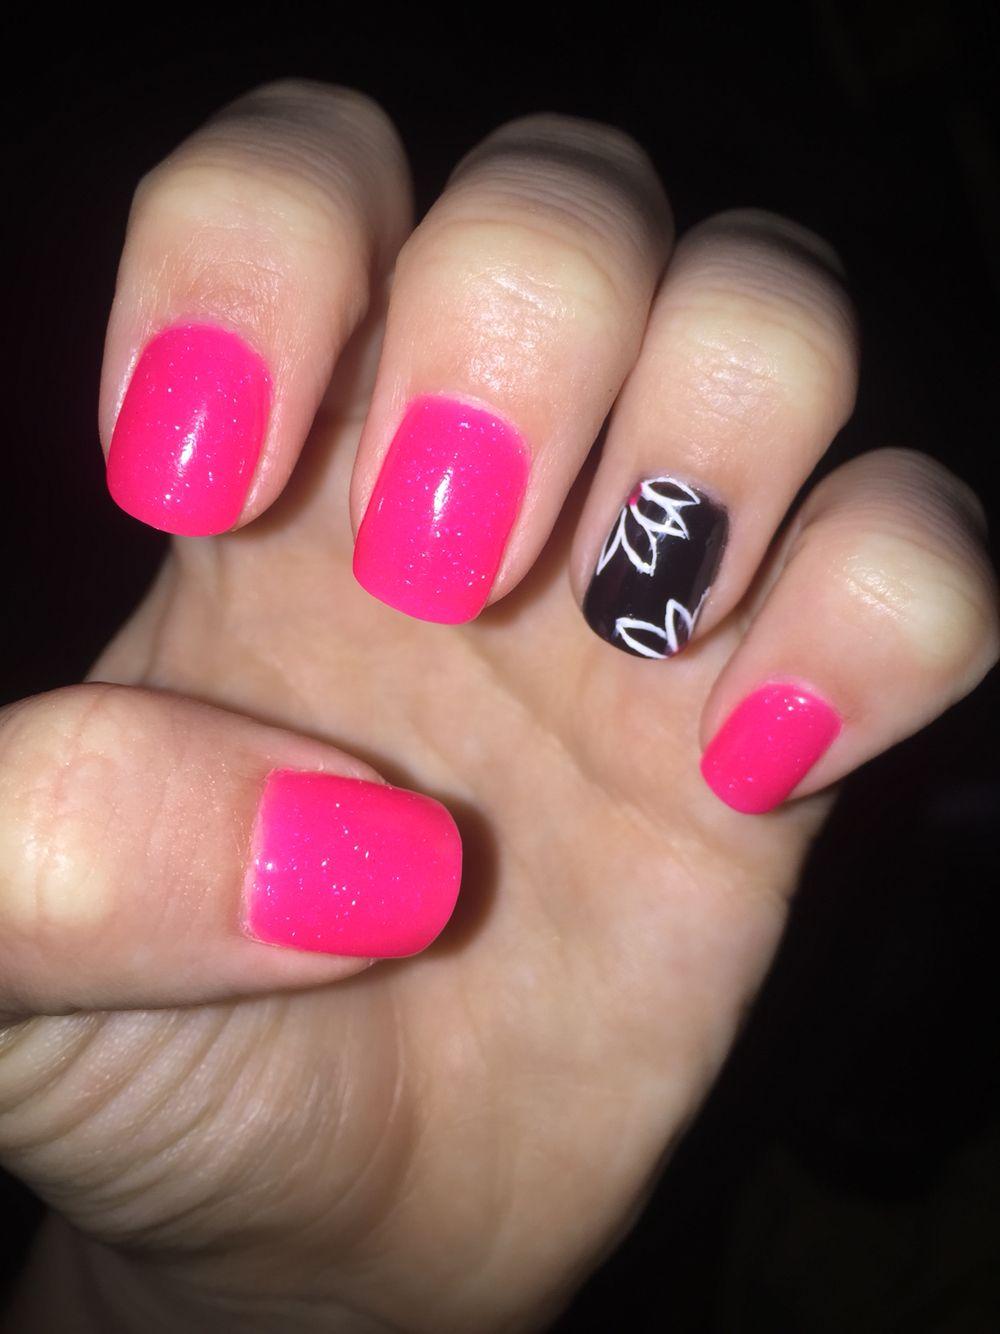 Summer nails #summer #nails #nailart